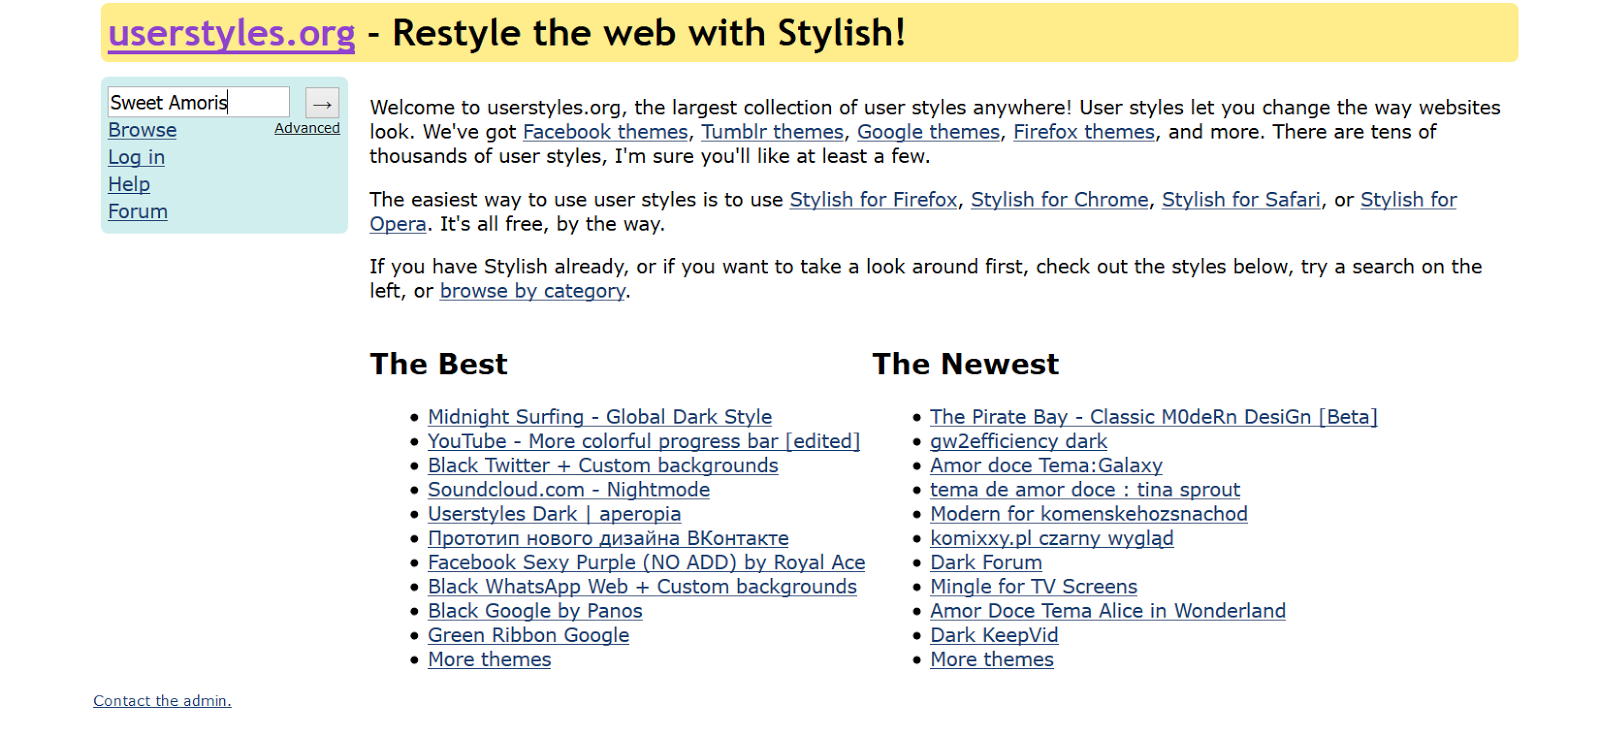 User styles google chrome themes - Es Erscheinen Ganz Viele Syles Wie Z B Dieses Hier Https Userstyles Org Styles 122099 Castiels Thema